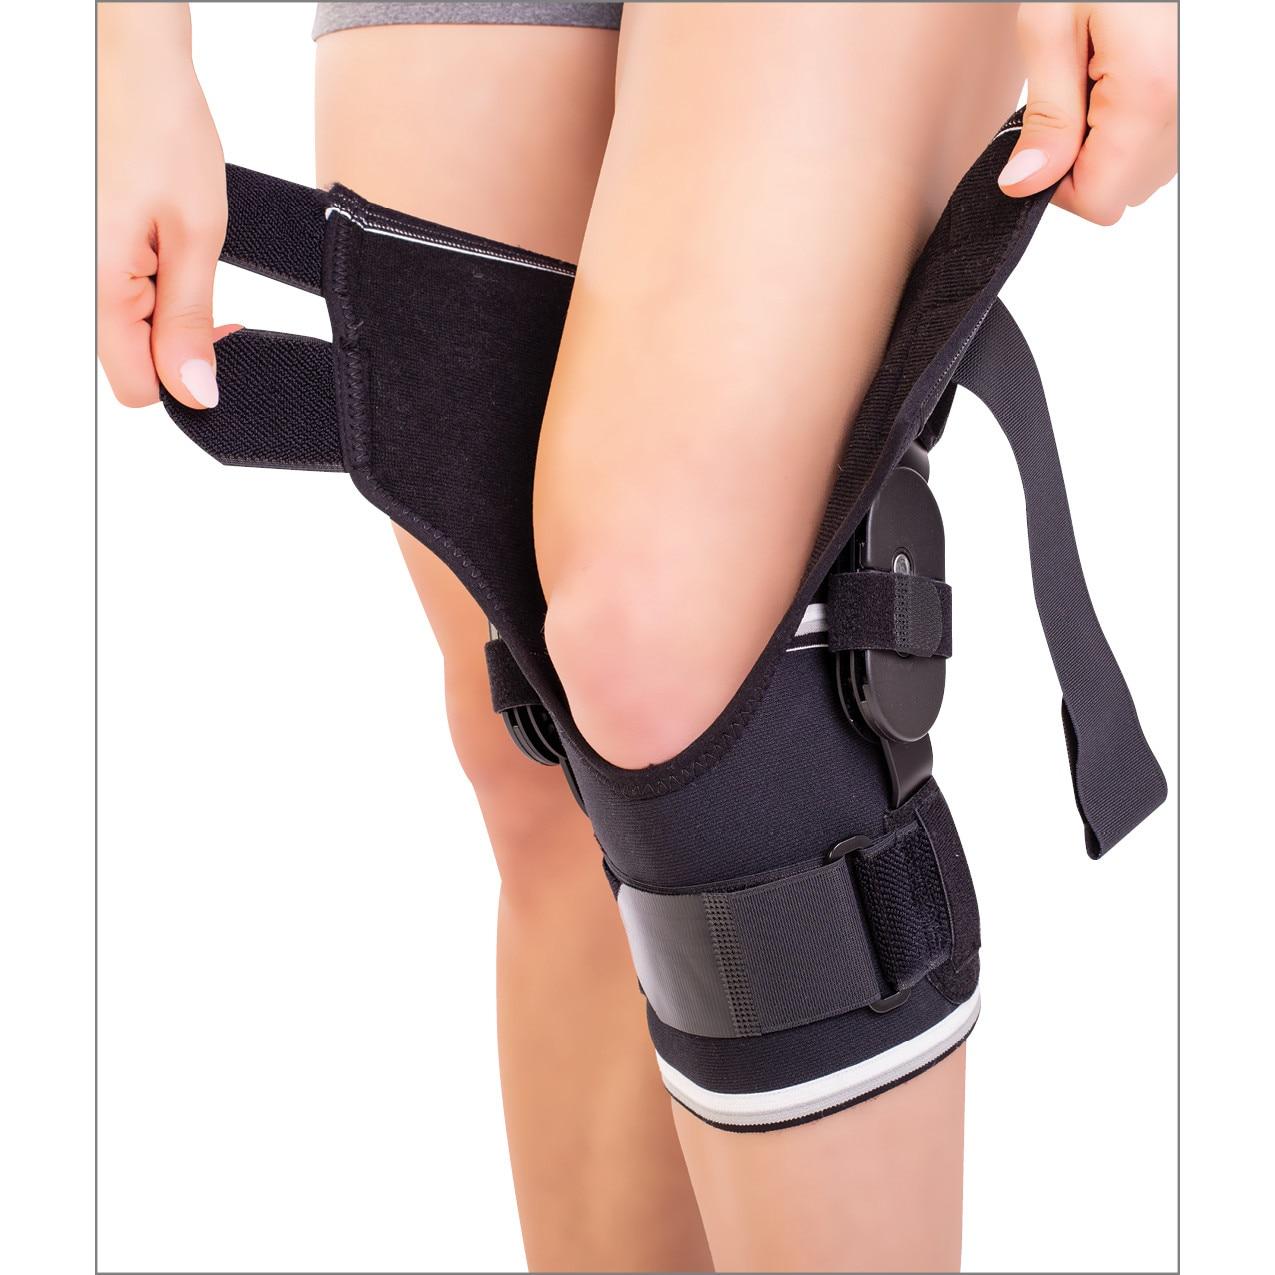 durerea apare atunci când mergeți în articulația șoldului